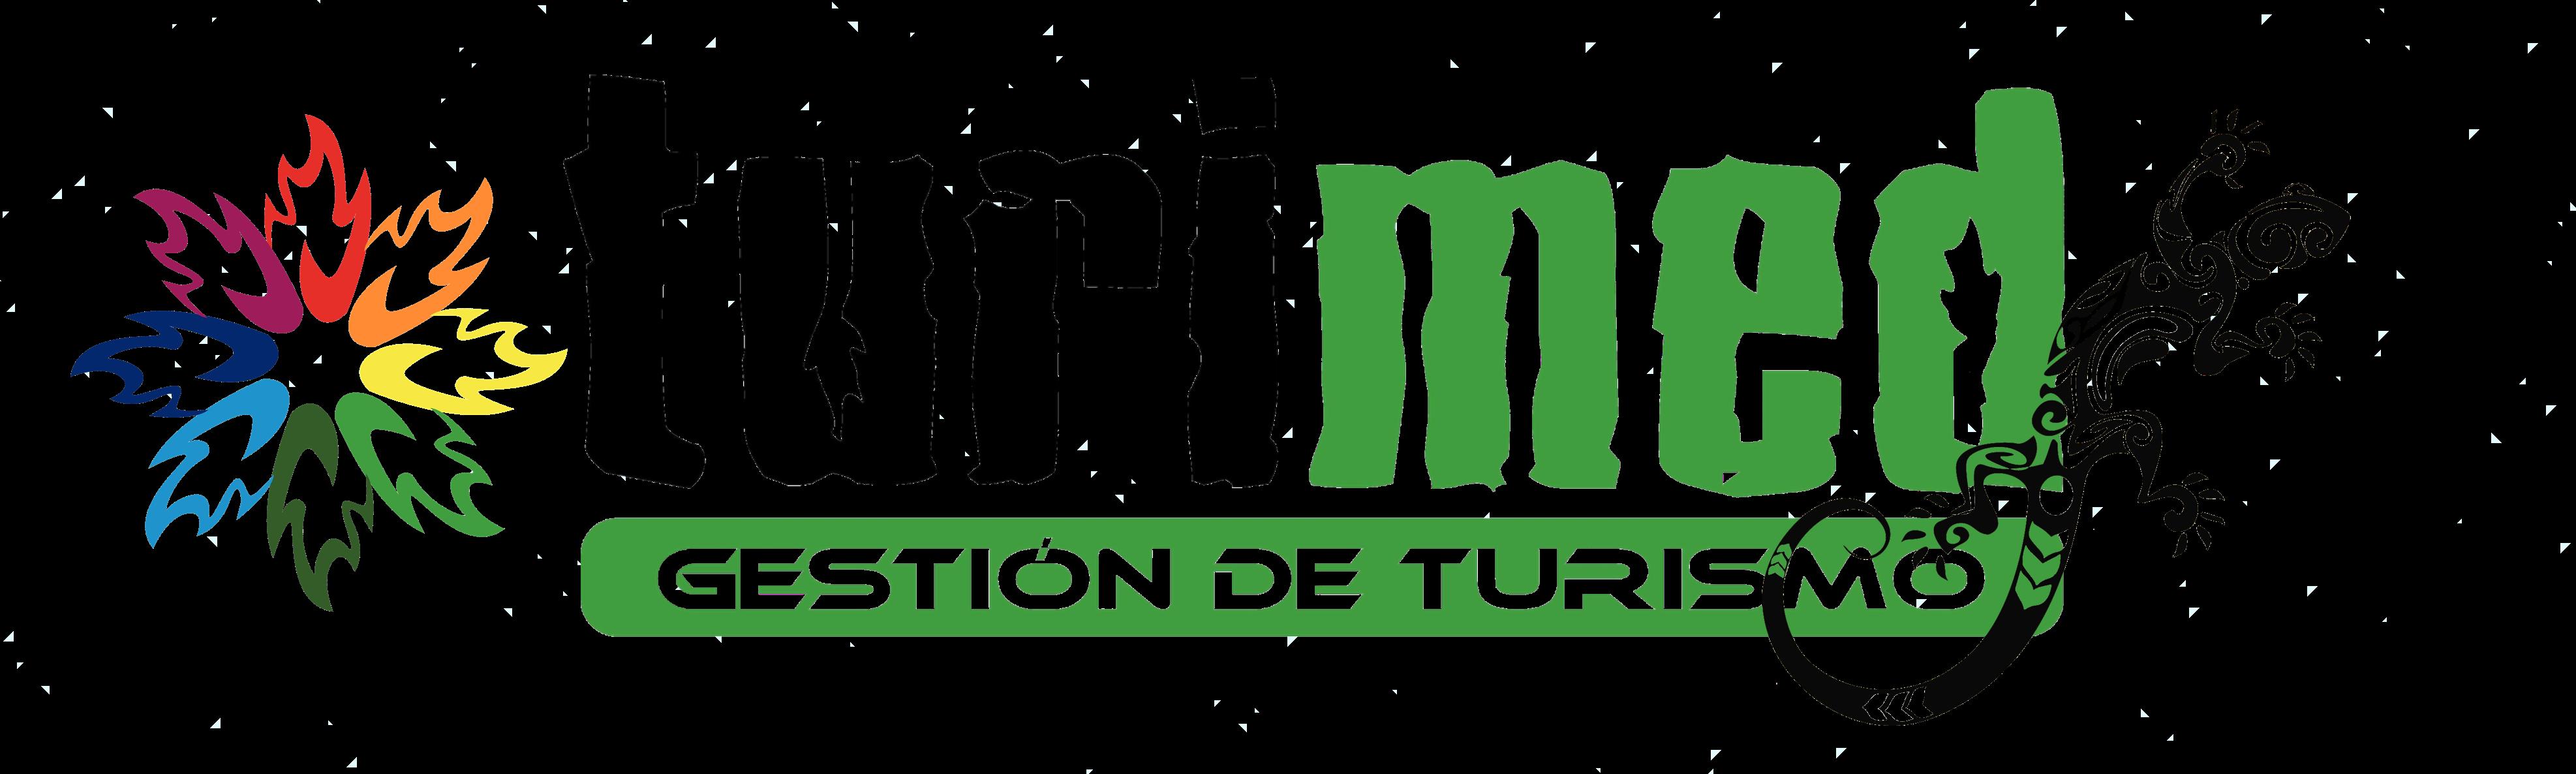 Logo con lagarto2